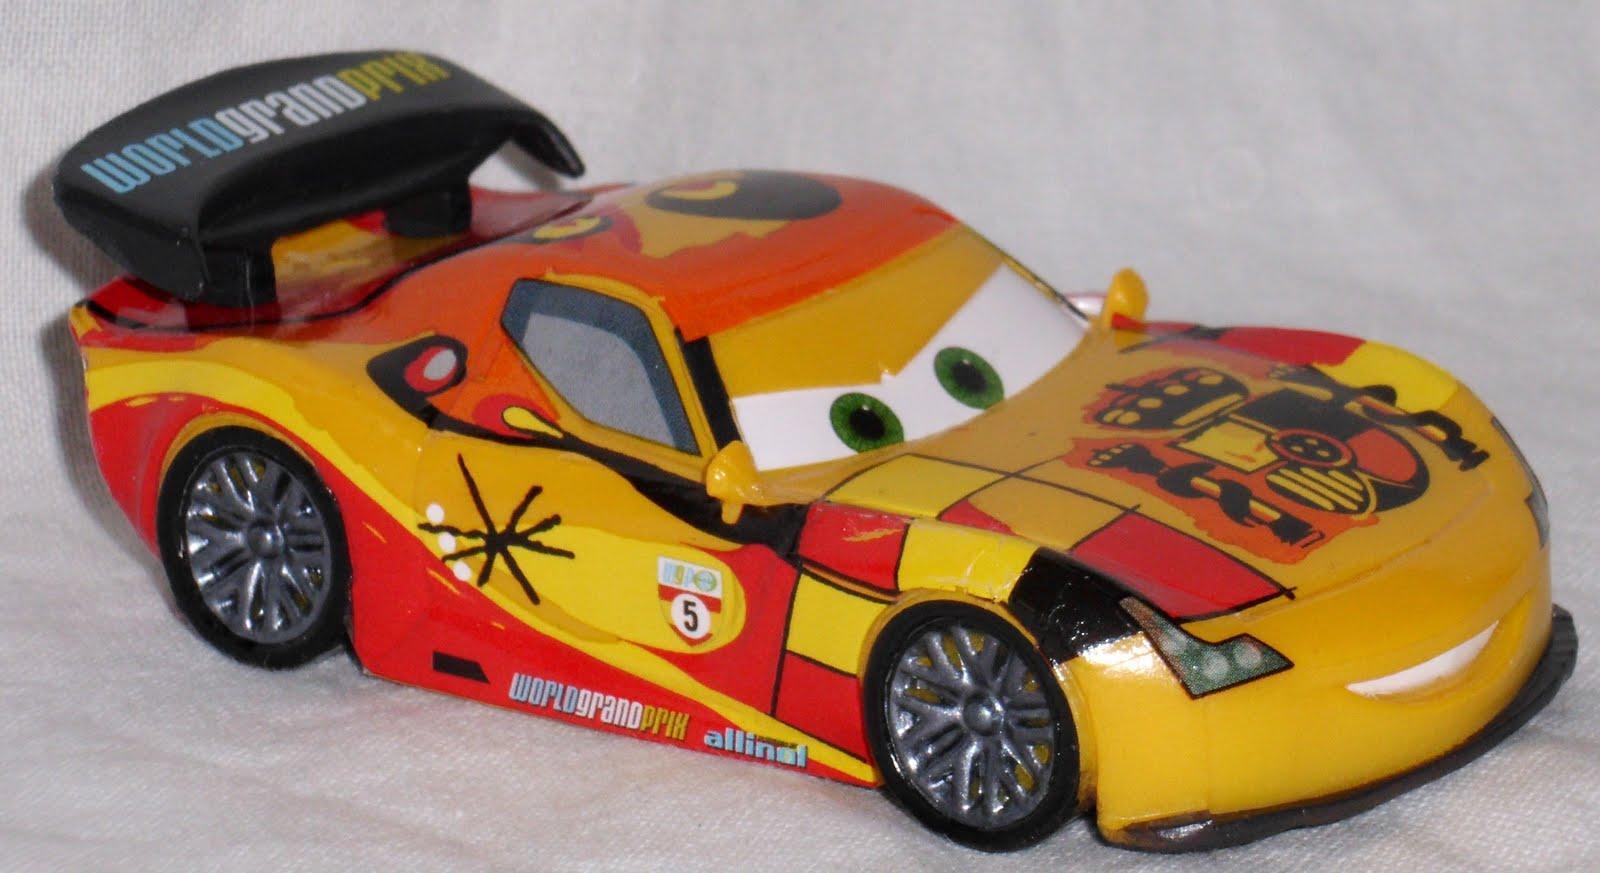 Dream wallpaper miguel camino - Coloriage cars 2 miguel camino ...